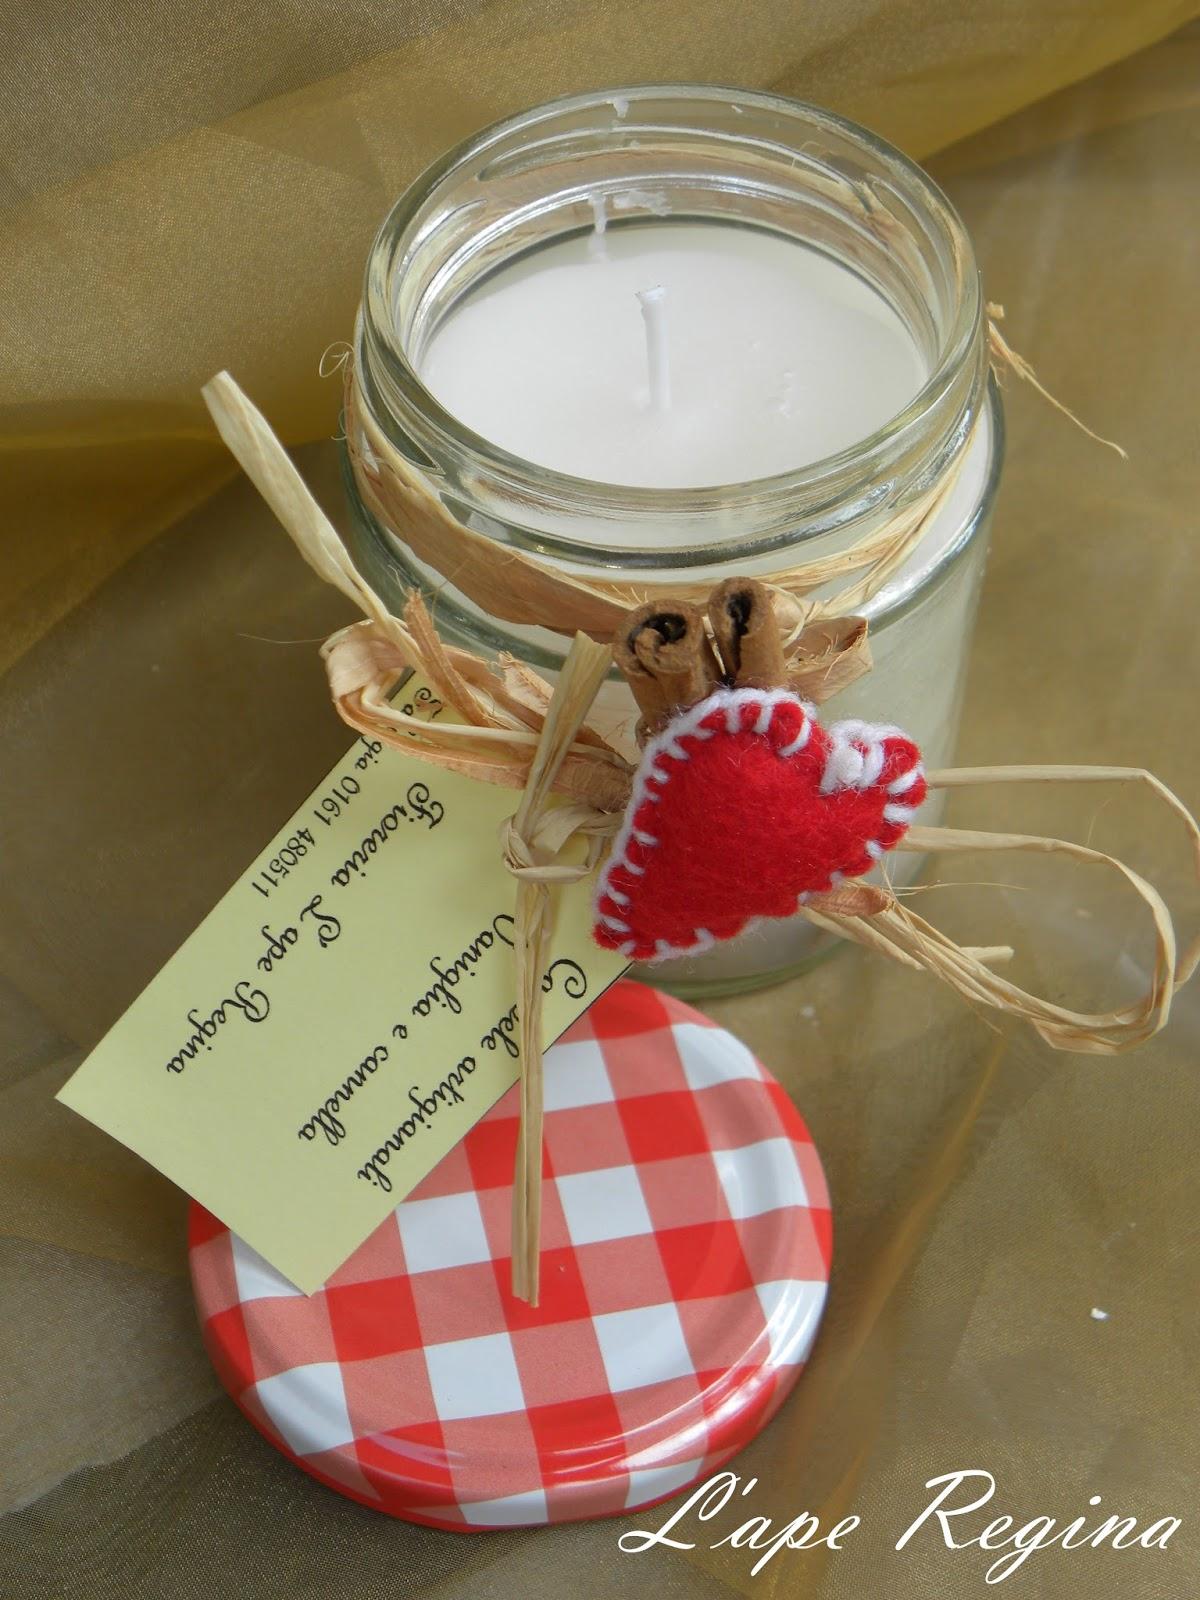 decorati con un bastoncino di cannella e un cuore di feltro rosso